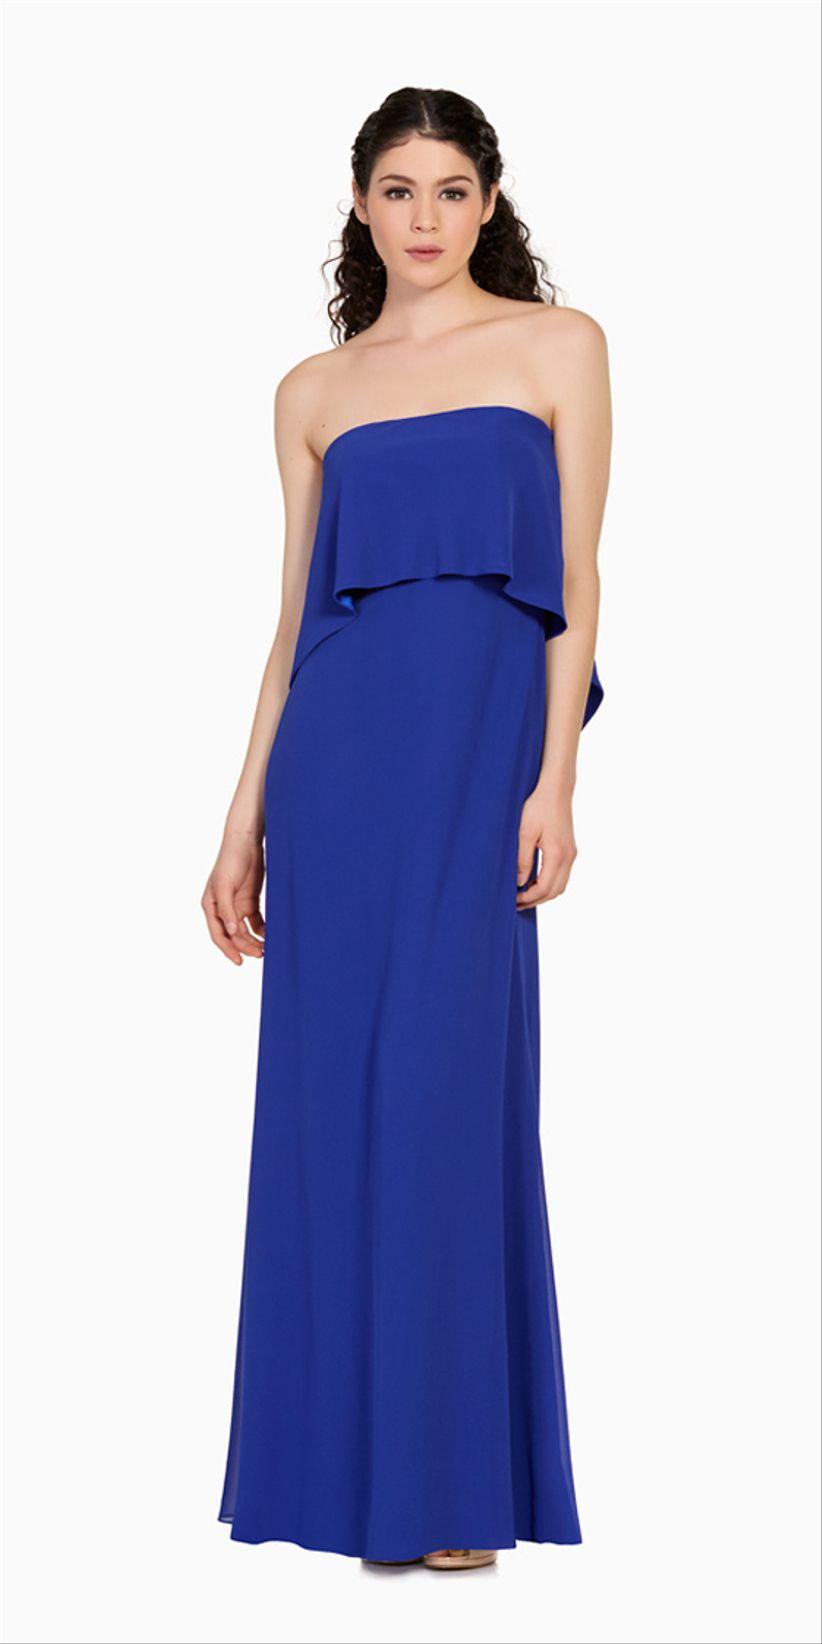 Modelos de vestidos cortos azules